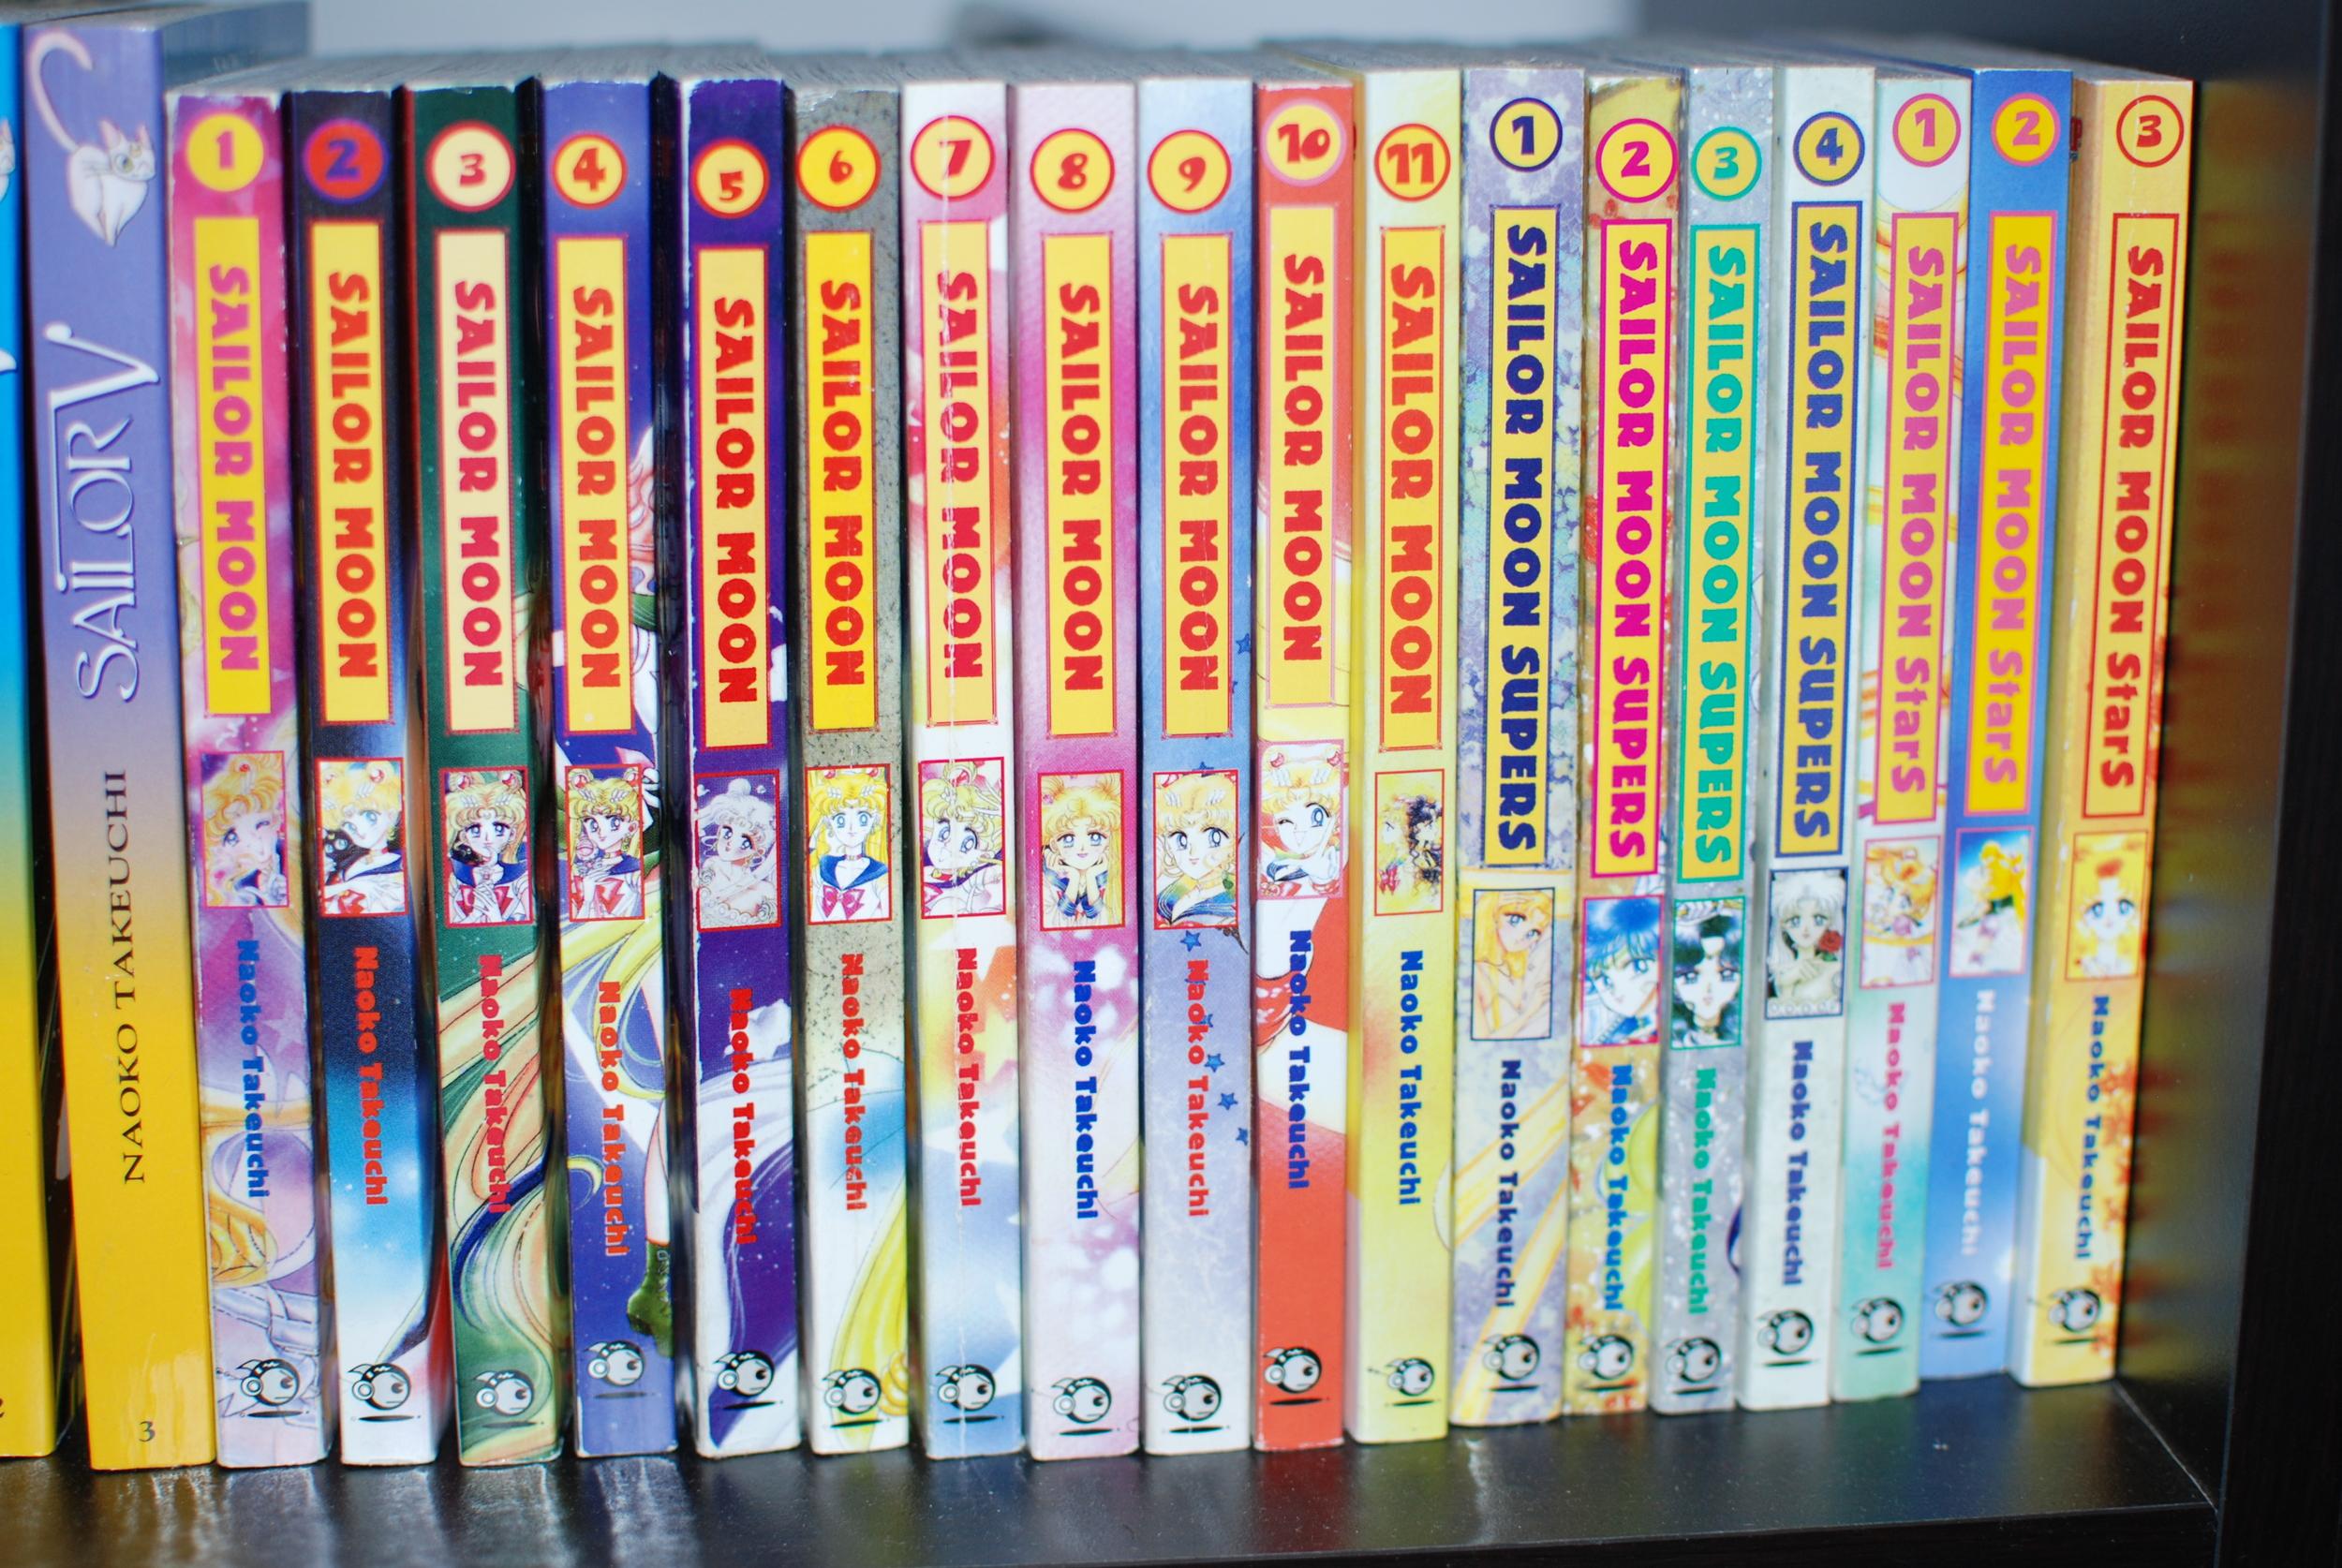 The Sailor Moon Manga Collection